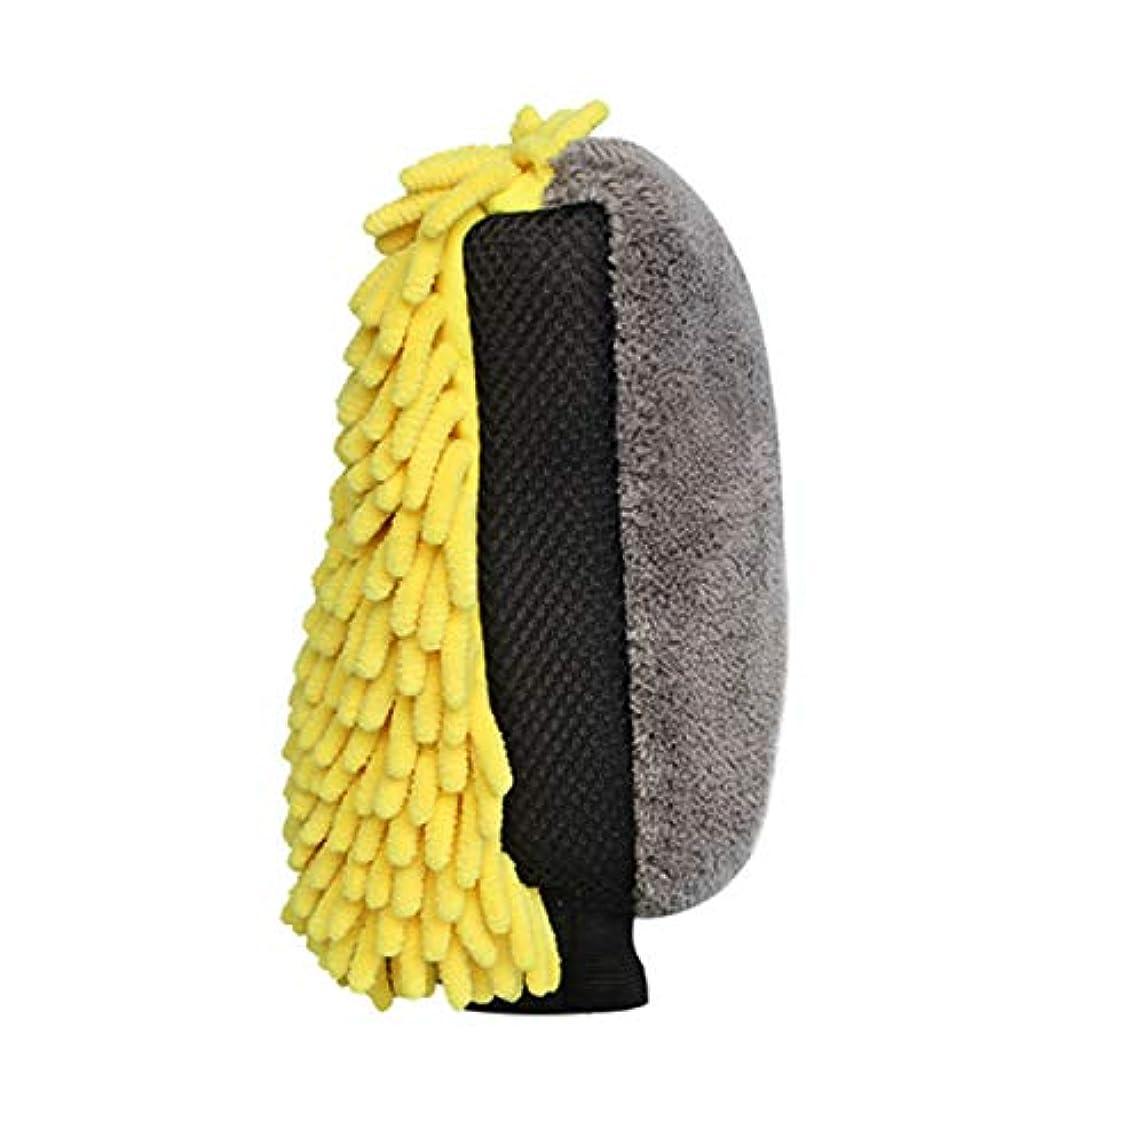 ホーンまたねエラーBTXXYJP 防水 カーウォッシュマイクロ ファイバーシェ ニール ディテールブラシ グローブ 多機能 (Color : Yellow, Size : M-Five pairs)